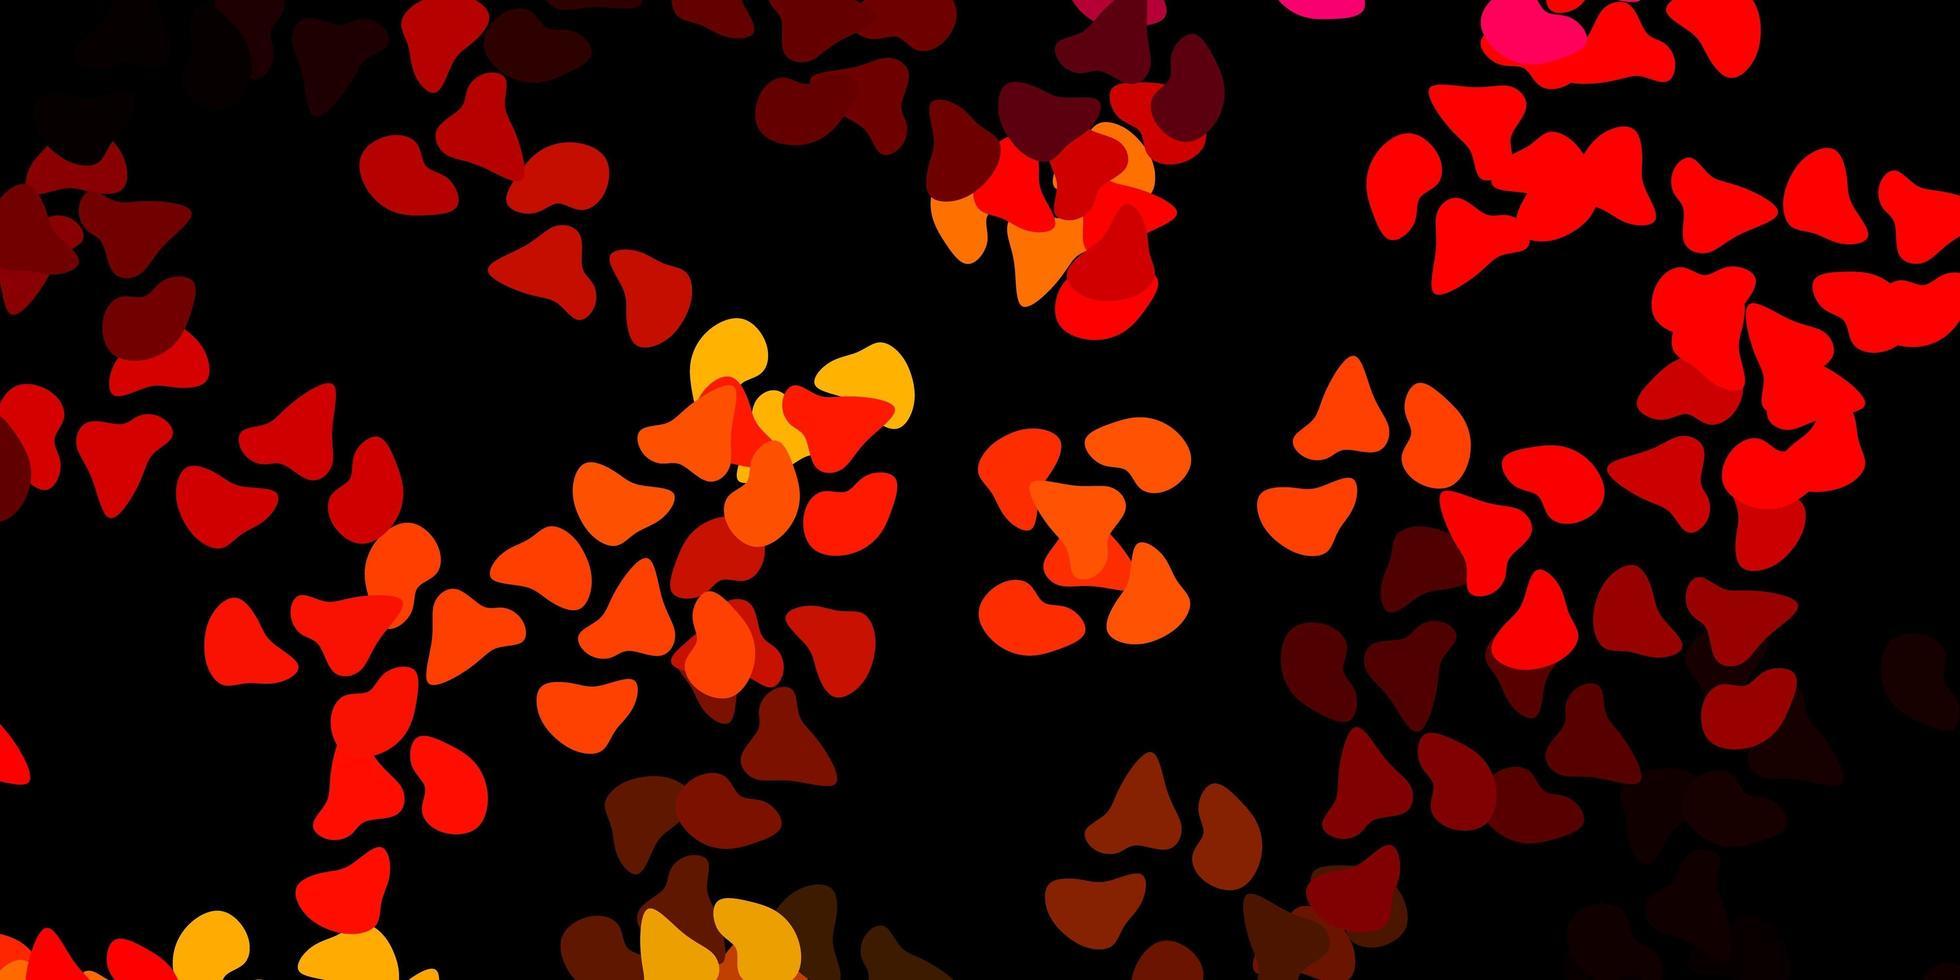 dunkelrotes Muster mit abstrakten Formen. vektor